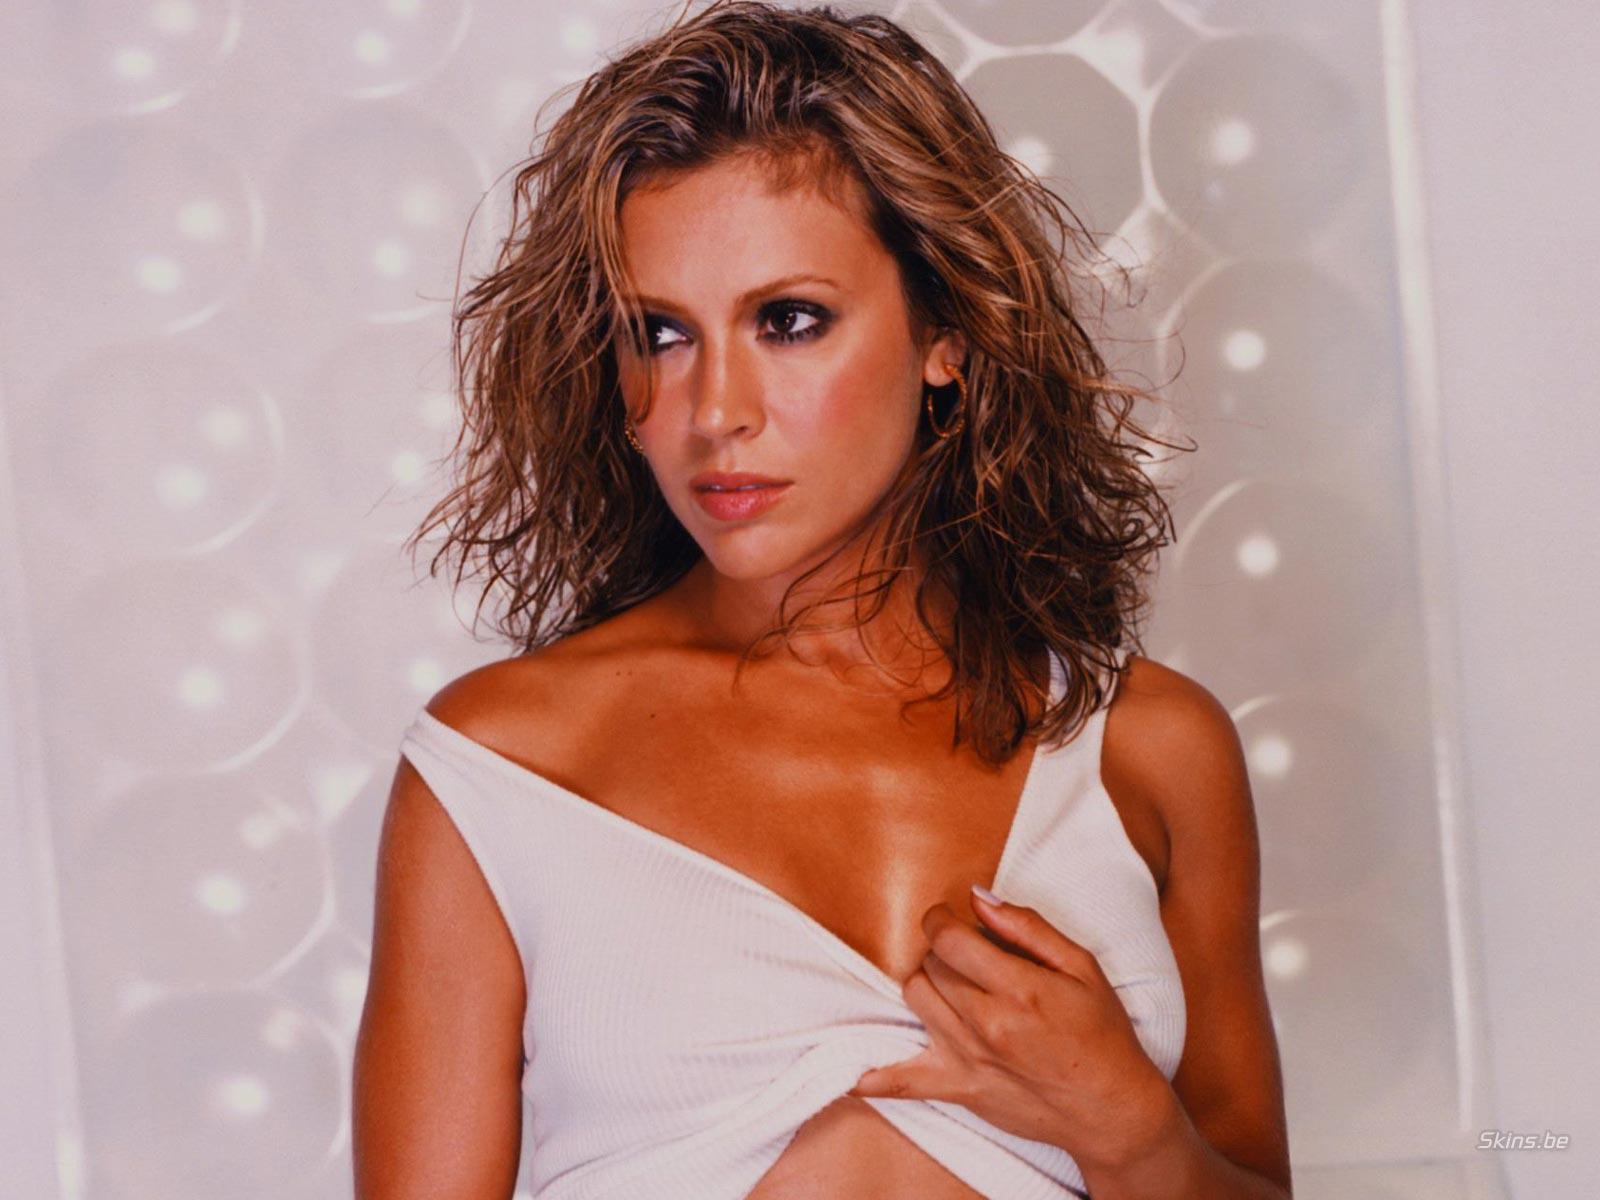 http://4.bp.blogspot.com/-EhfUIcibTfw/TfYlZ8-9B8I/AAAAAAAAACY/MPUgdZZmhyU/s1600/Alyssa+Milano_3.jpg